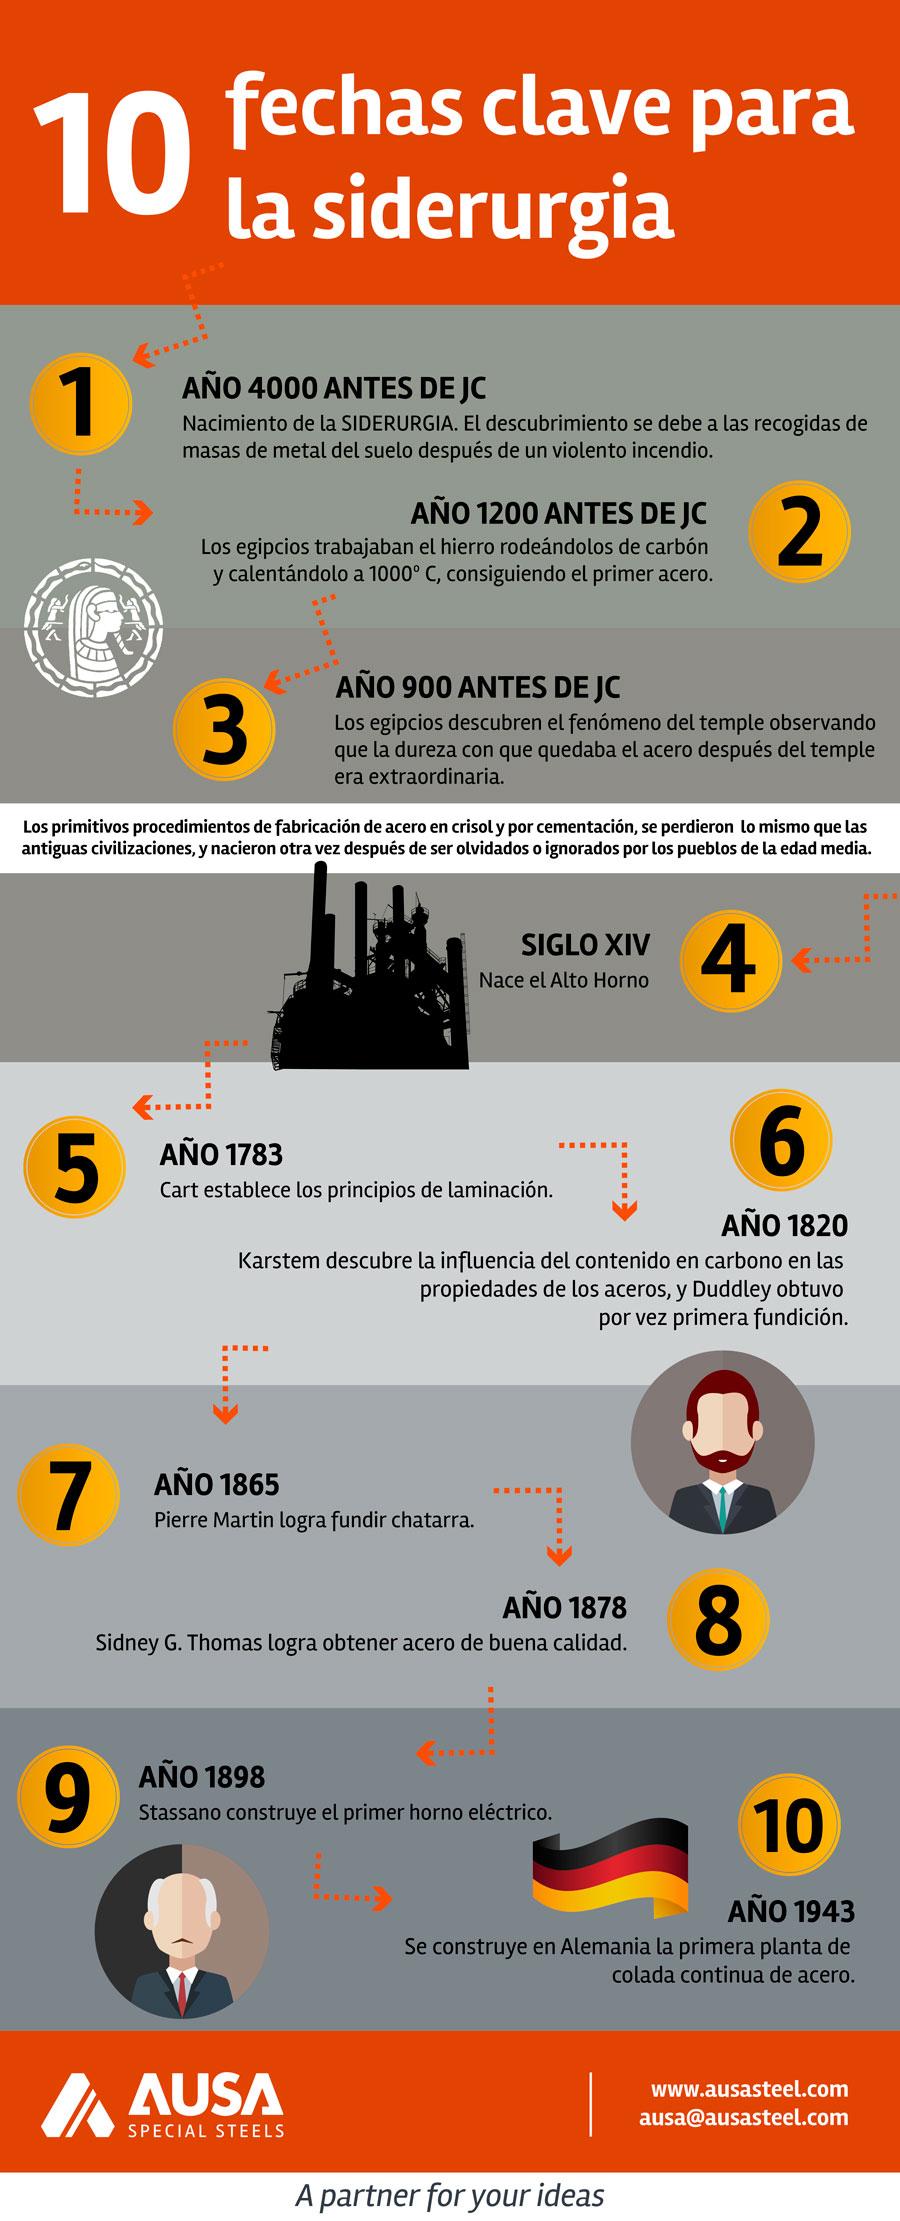 Infografia-10-fechas-clave-siderurgia